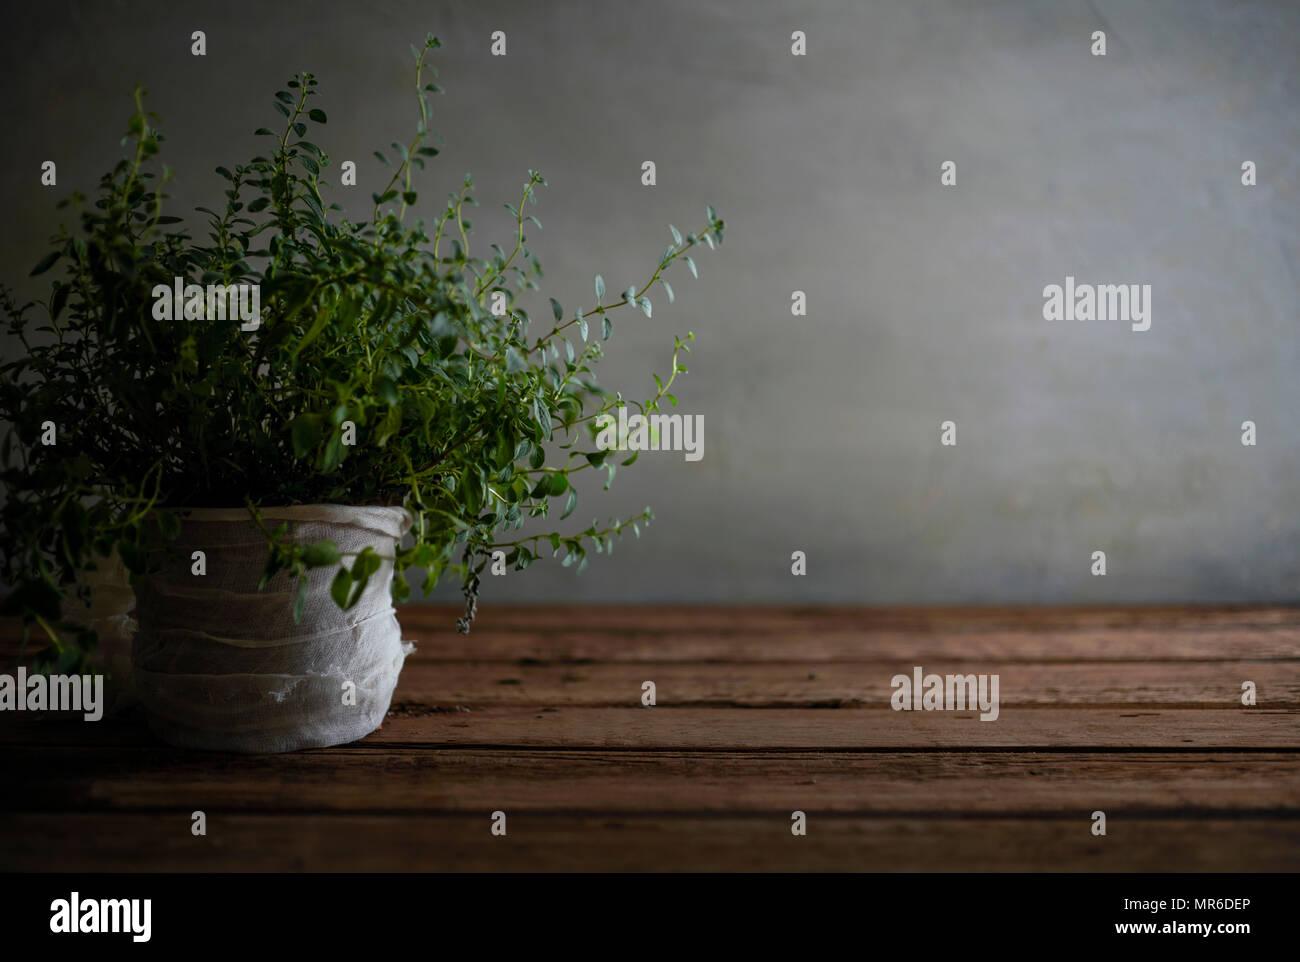 Eine schöne, unordentlichen Oregano Anlage auf einem abgenutzten Holztisch. Stockbild